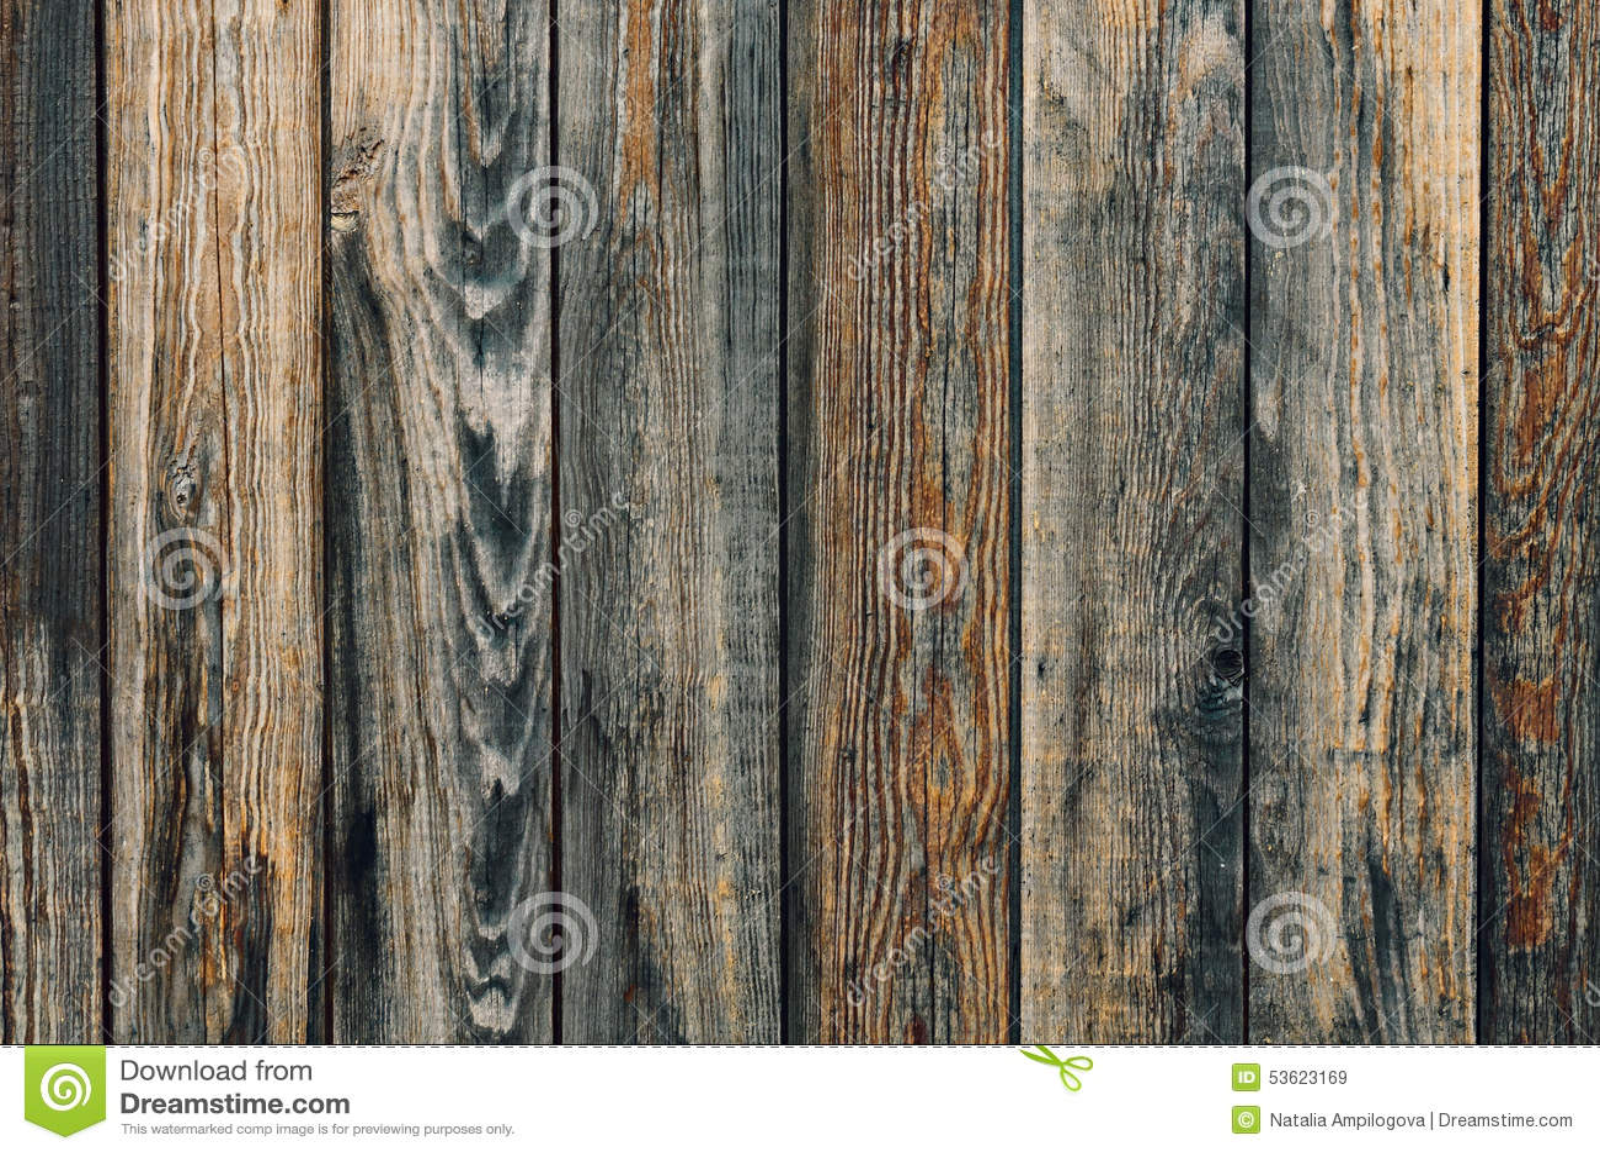 Vieilles barri res en bois vieilles planches de barri re comme fond photo st - Vieille planche de bois ...